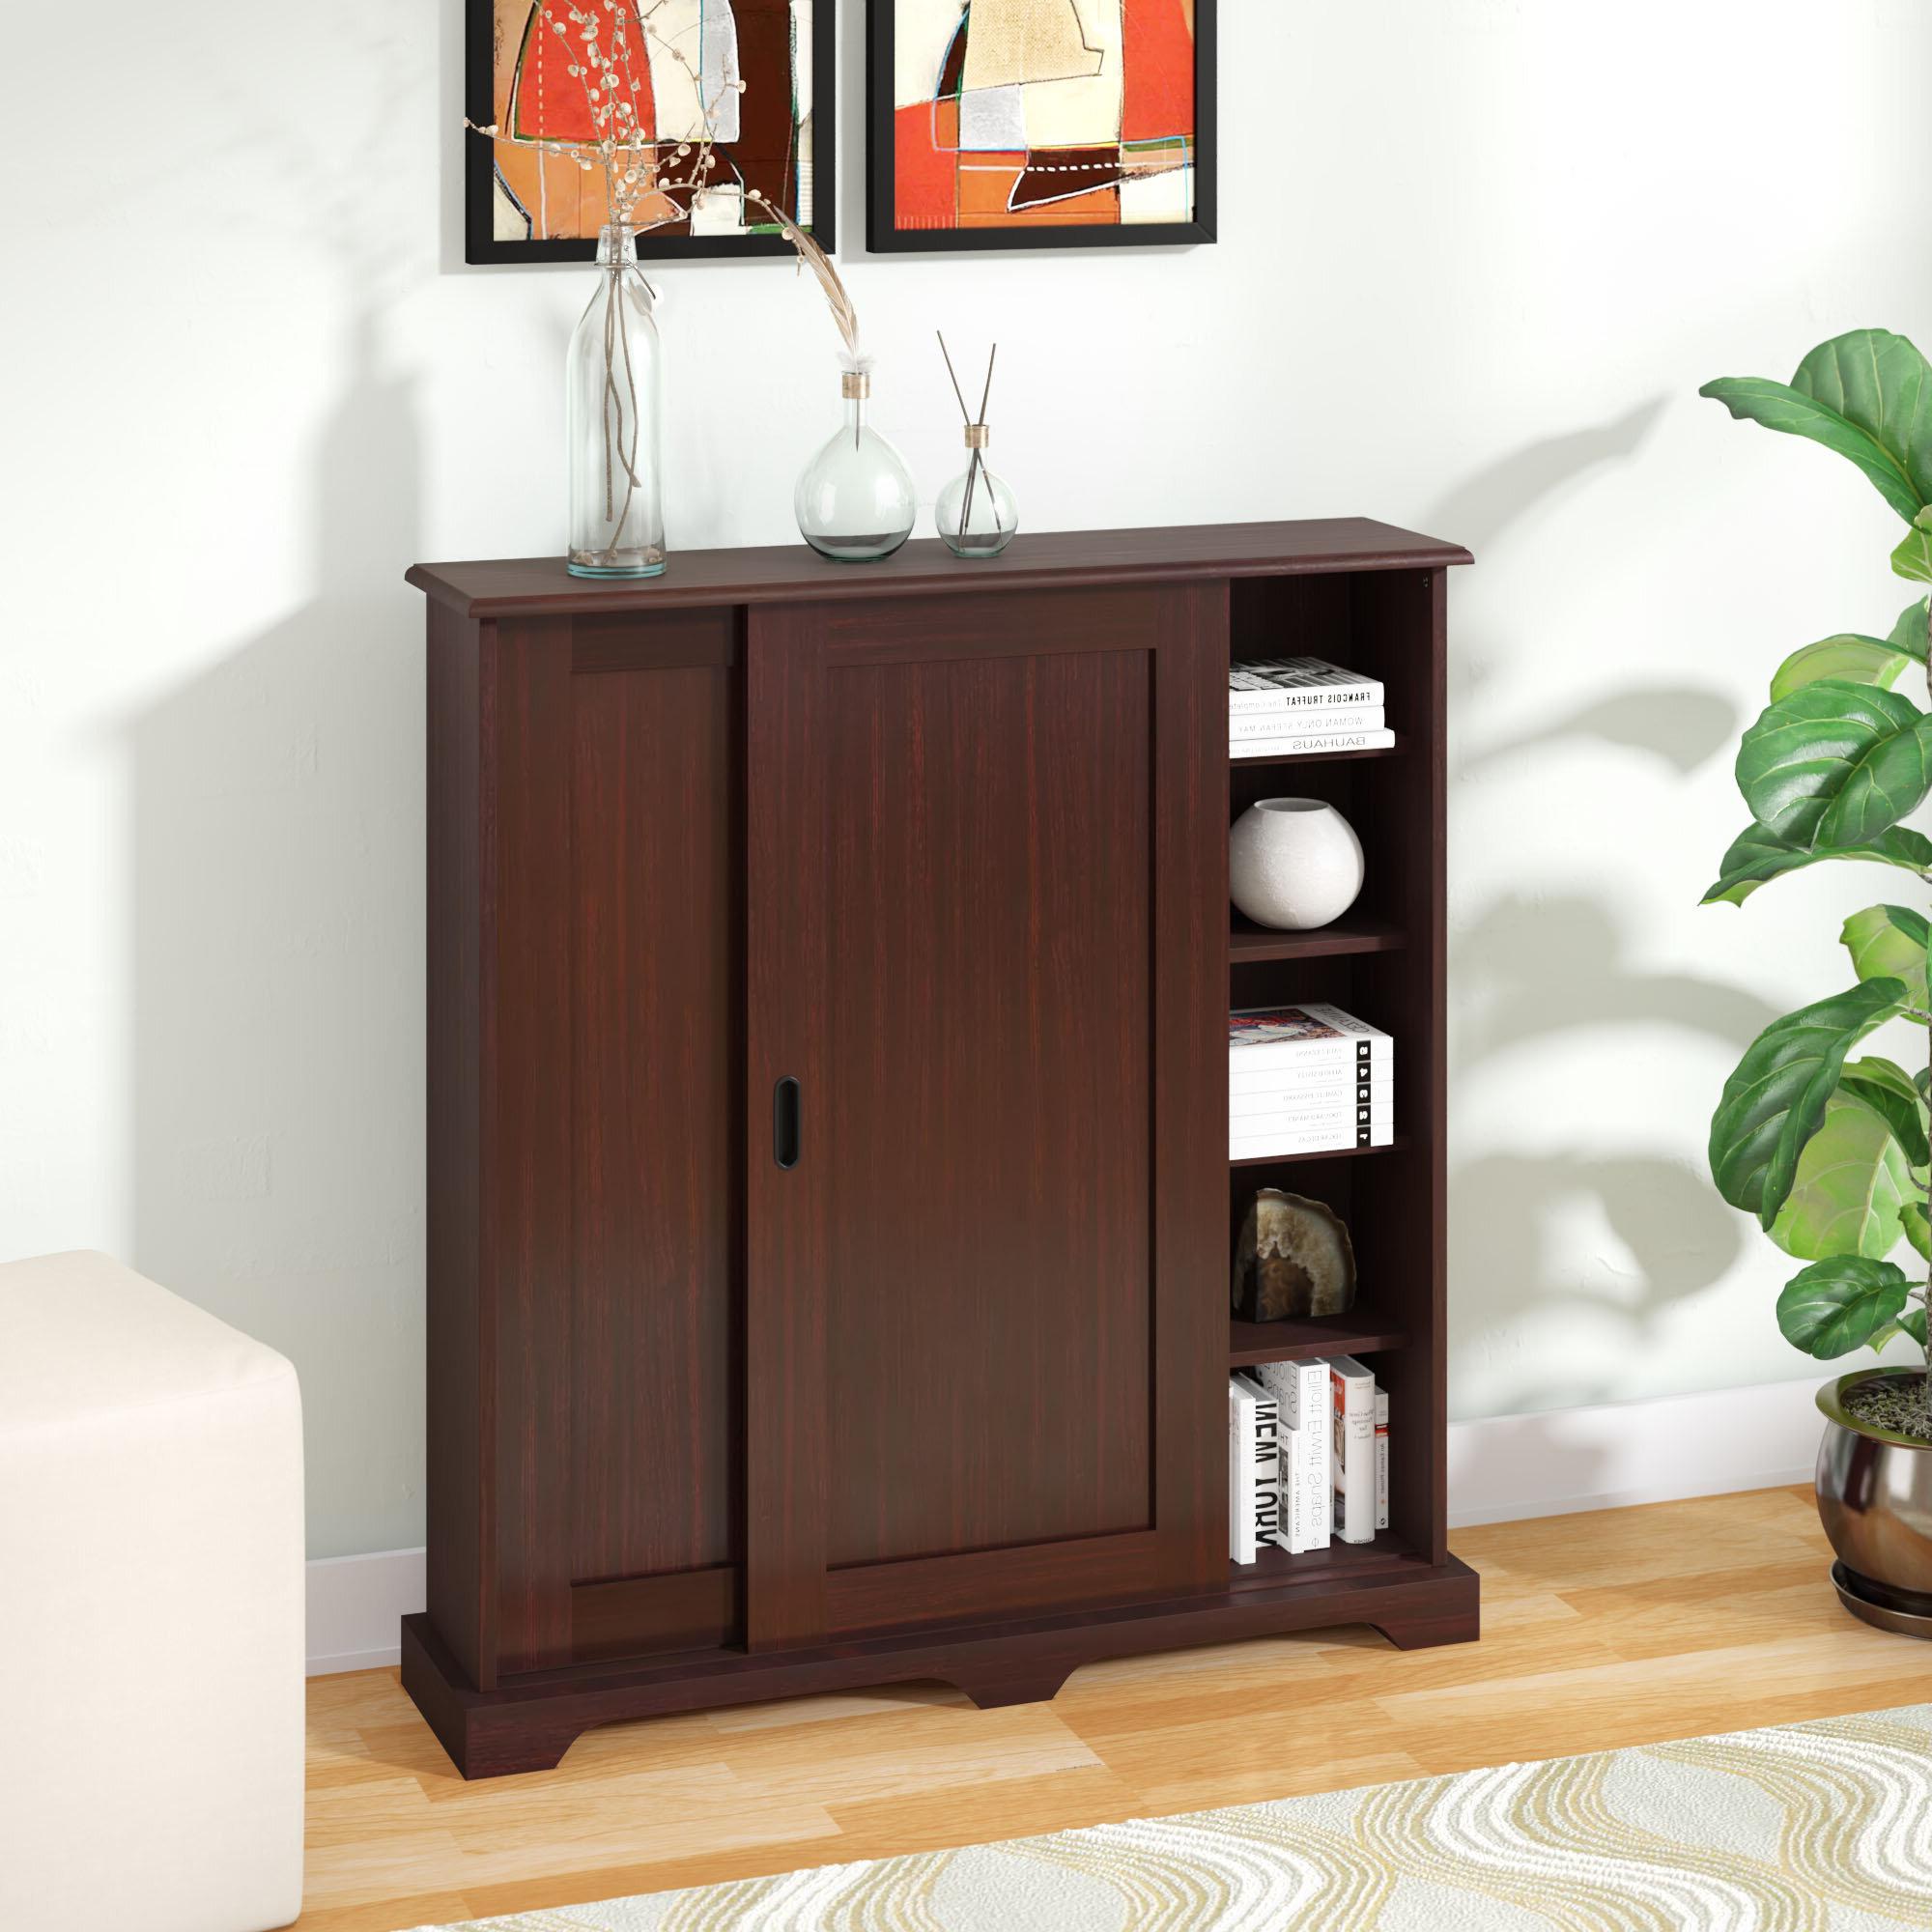 Sliding Door Stackable Cabinet | Wayfair Inside Espresso Sliding Door Stackable Buffets (View 16 of 20)